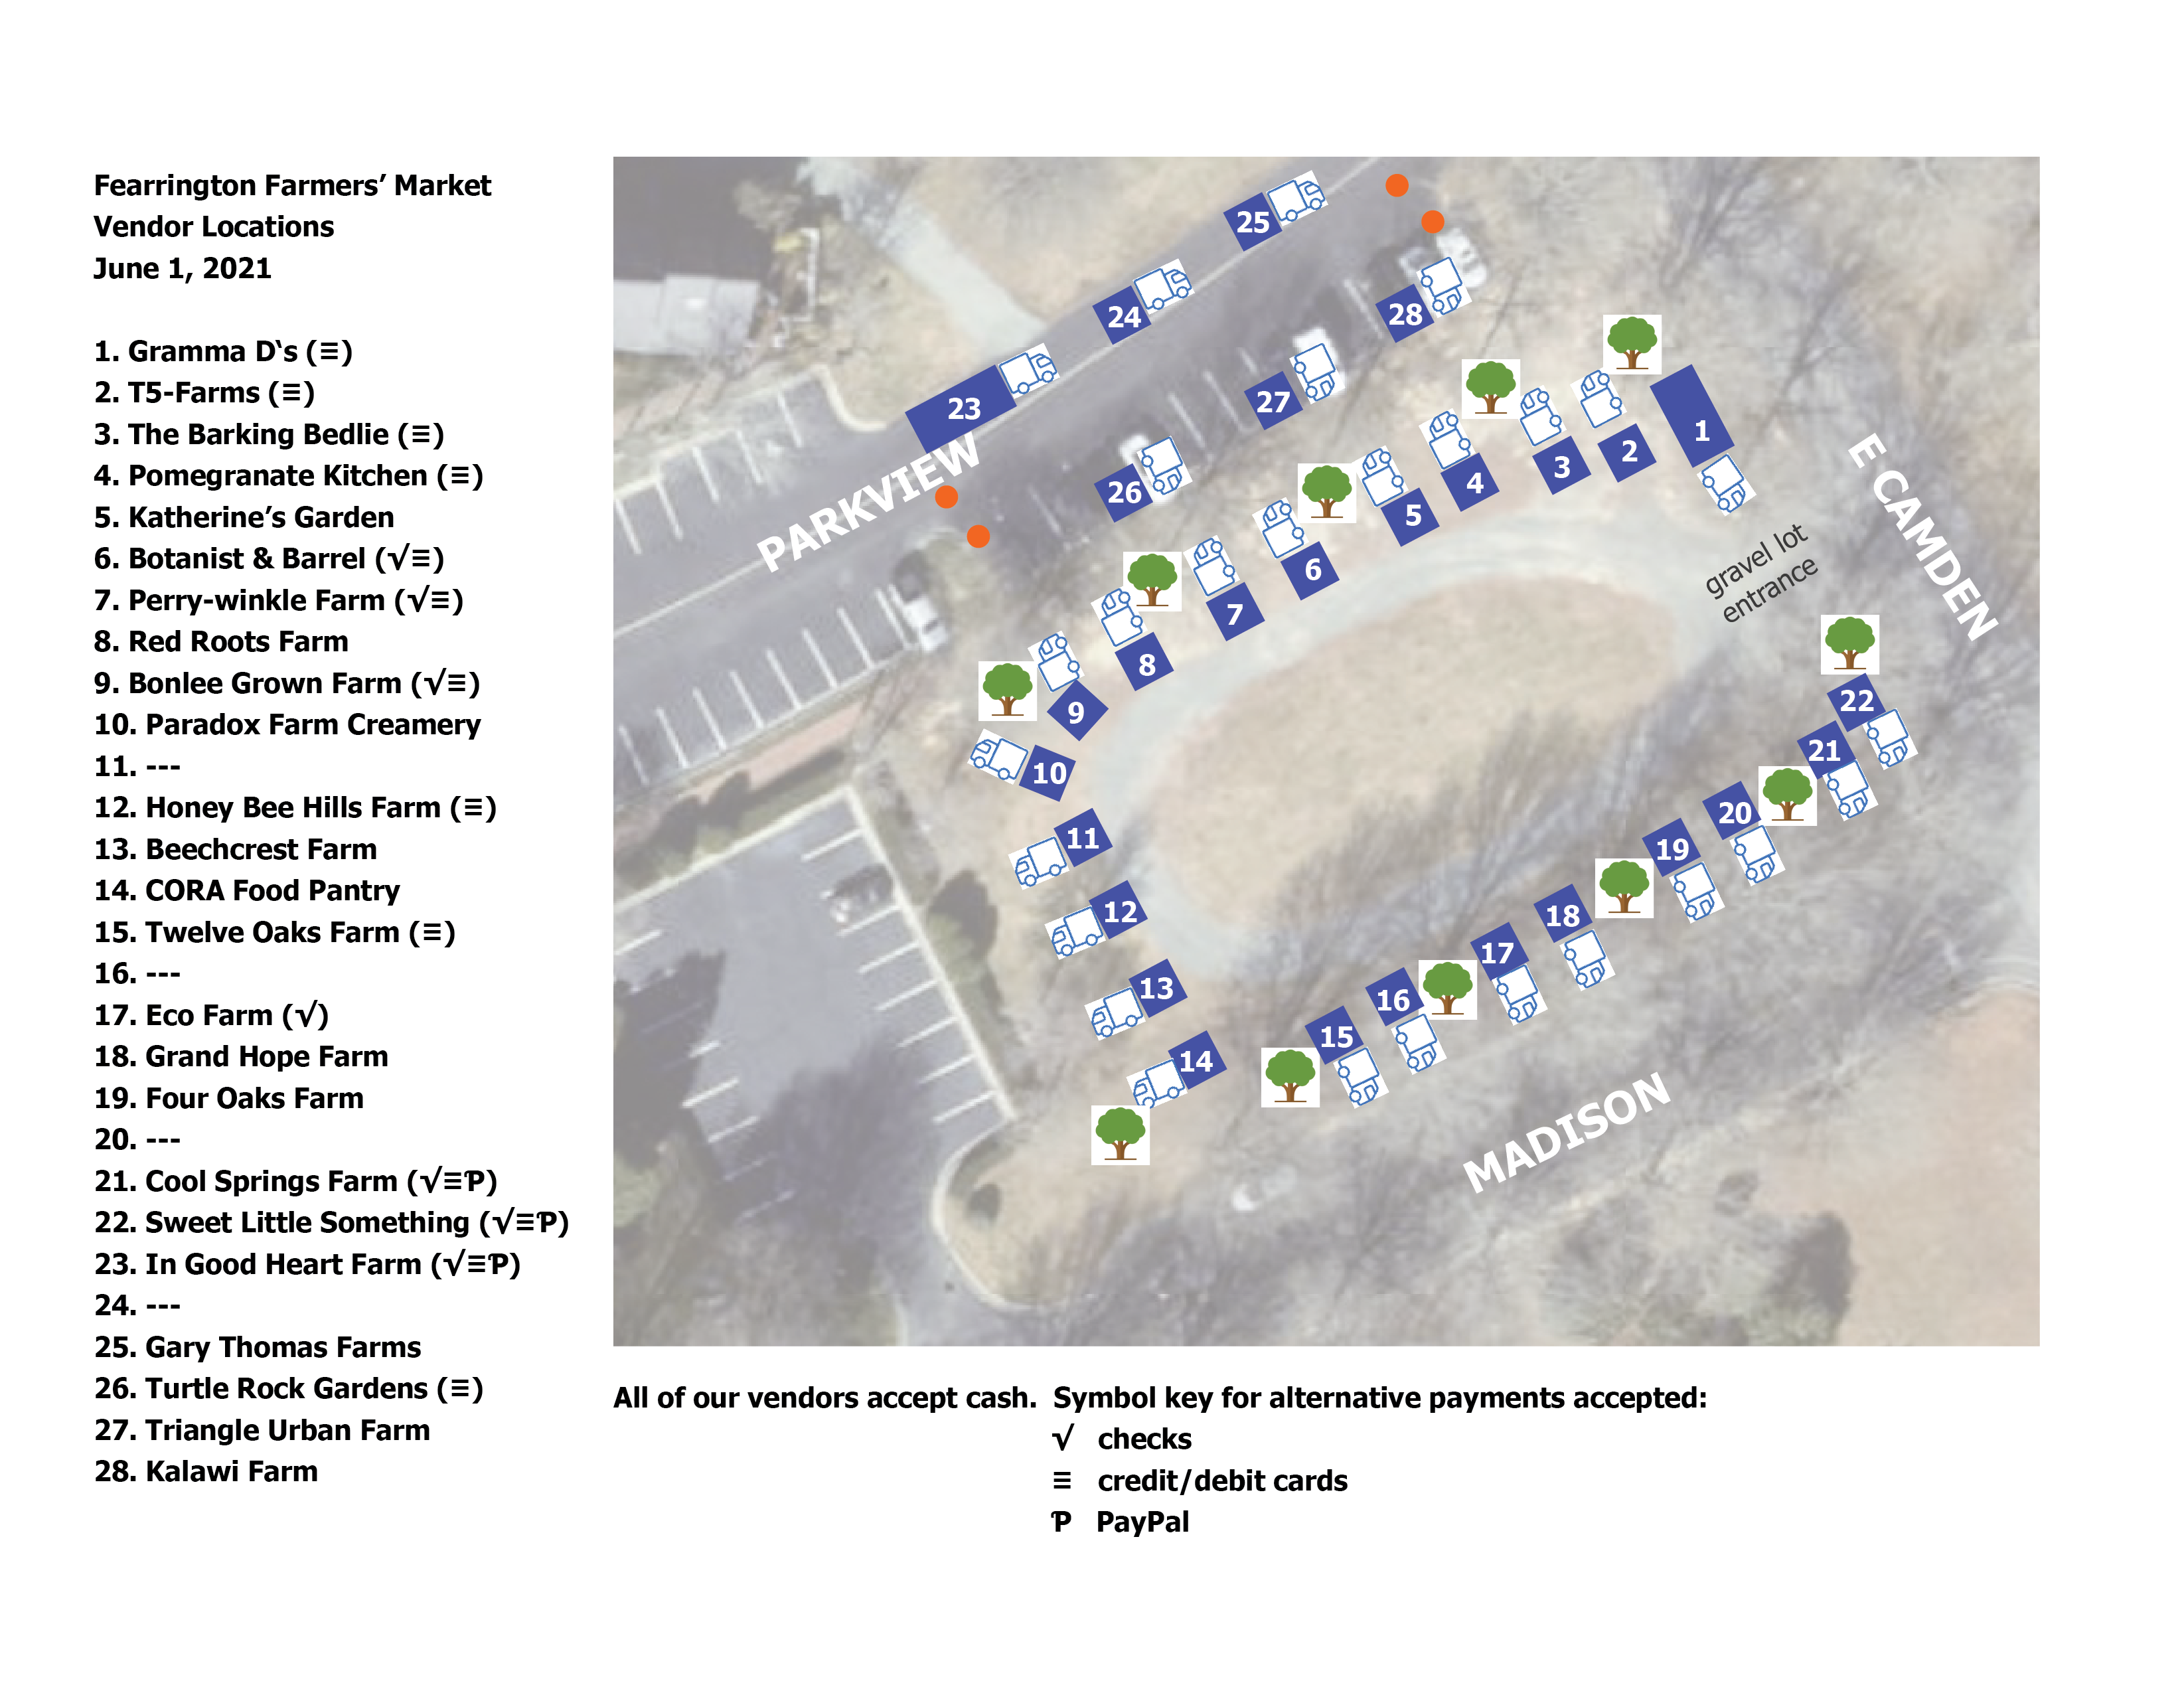 ffm vendor map 060121